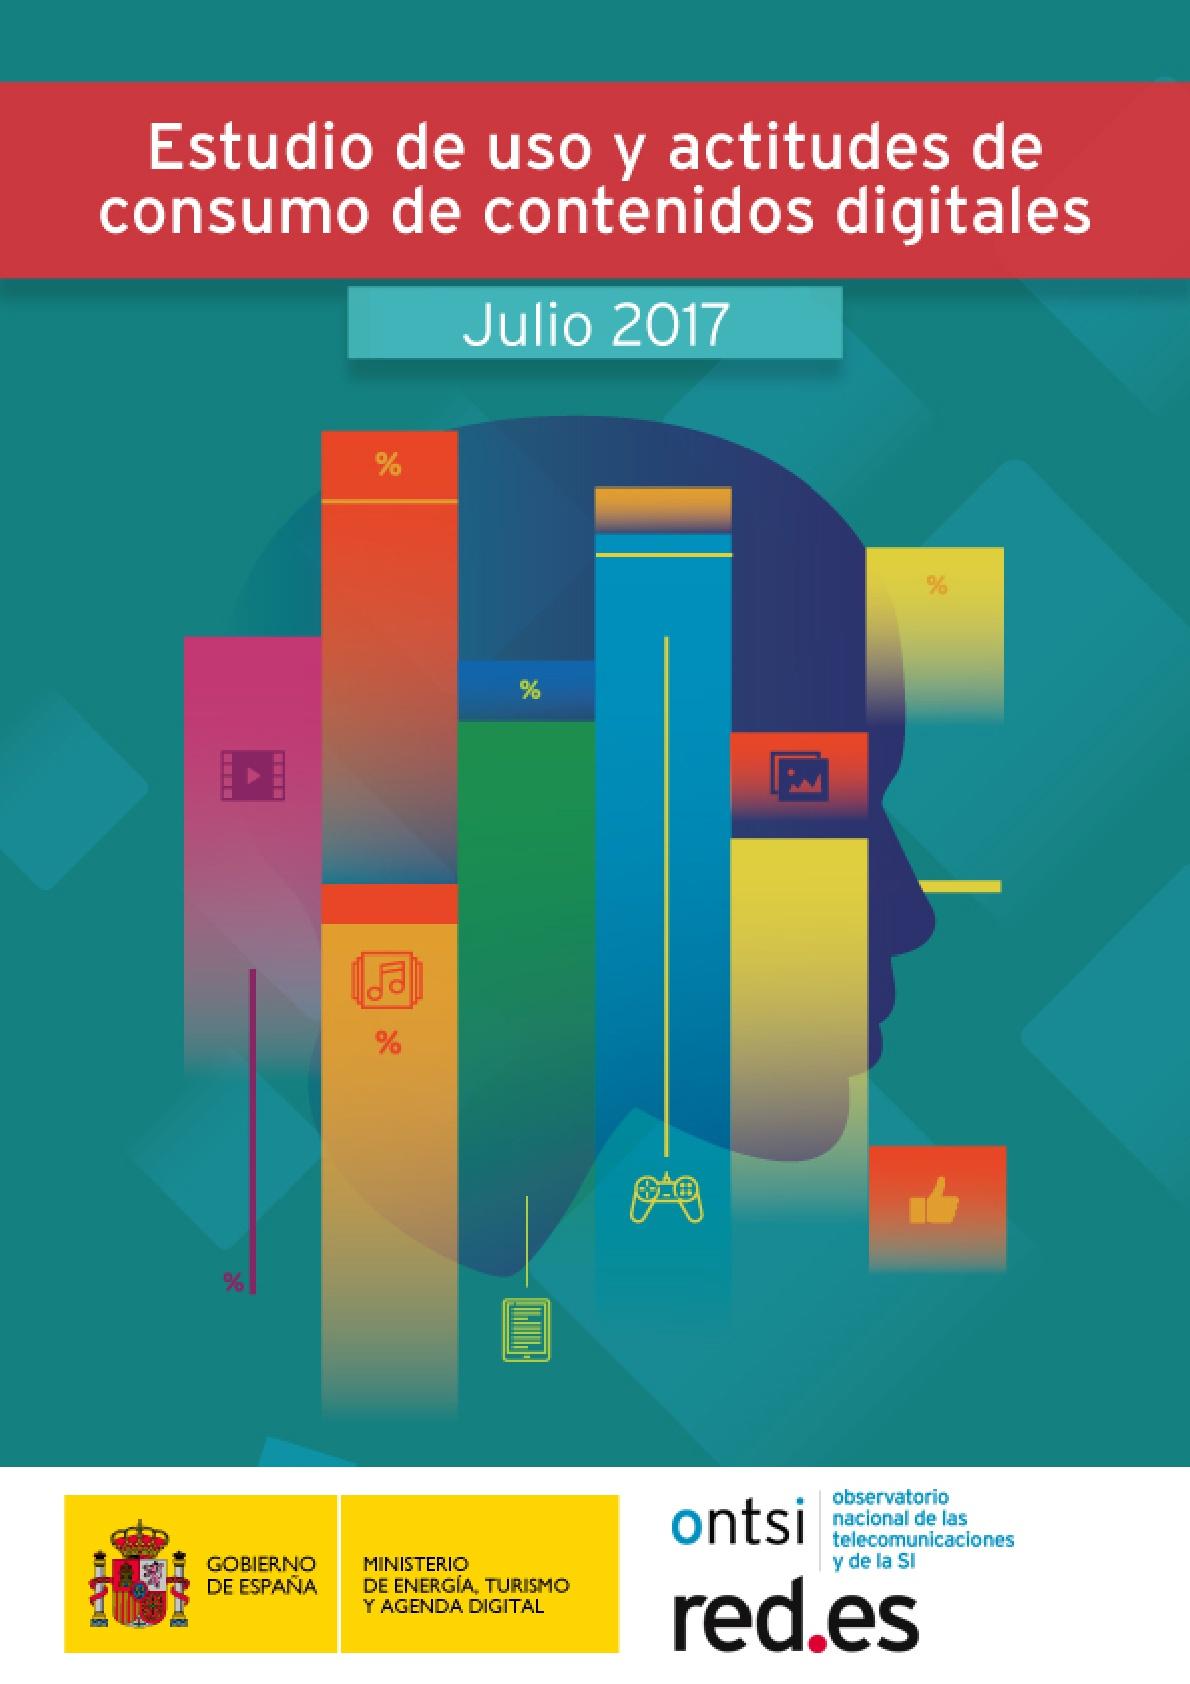 Estudio de uso y actitudes de consumo de contenidos digitales 2017